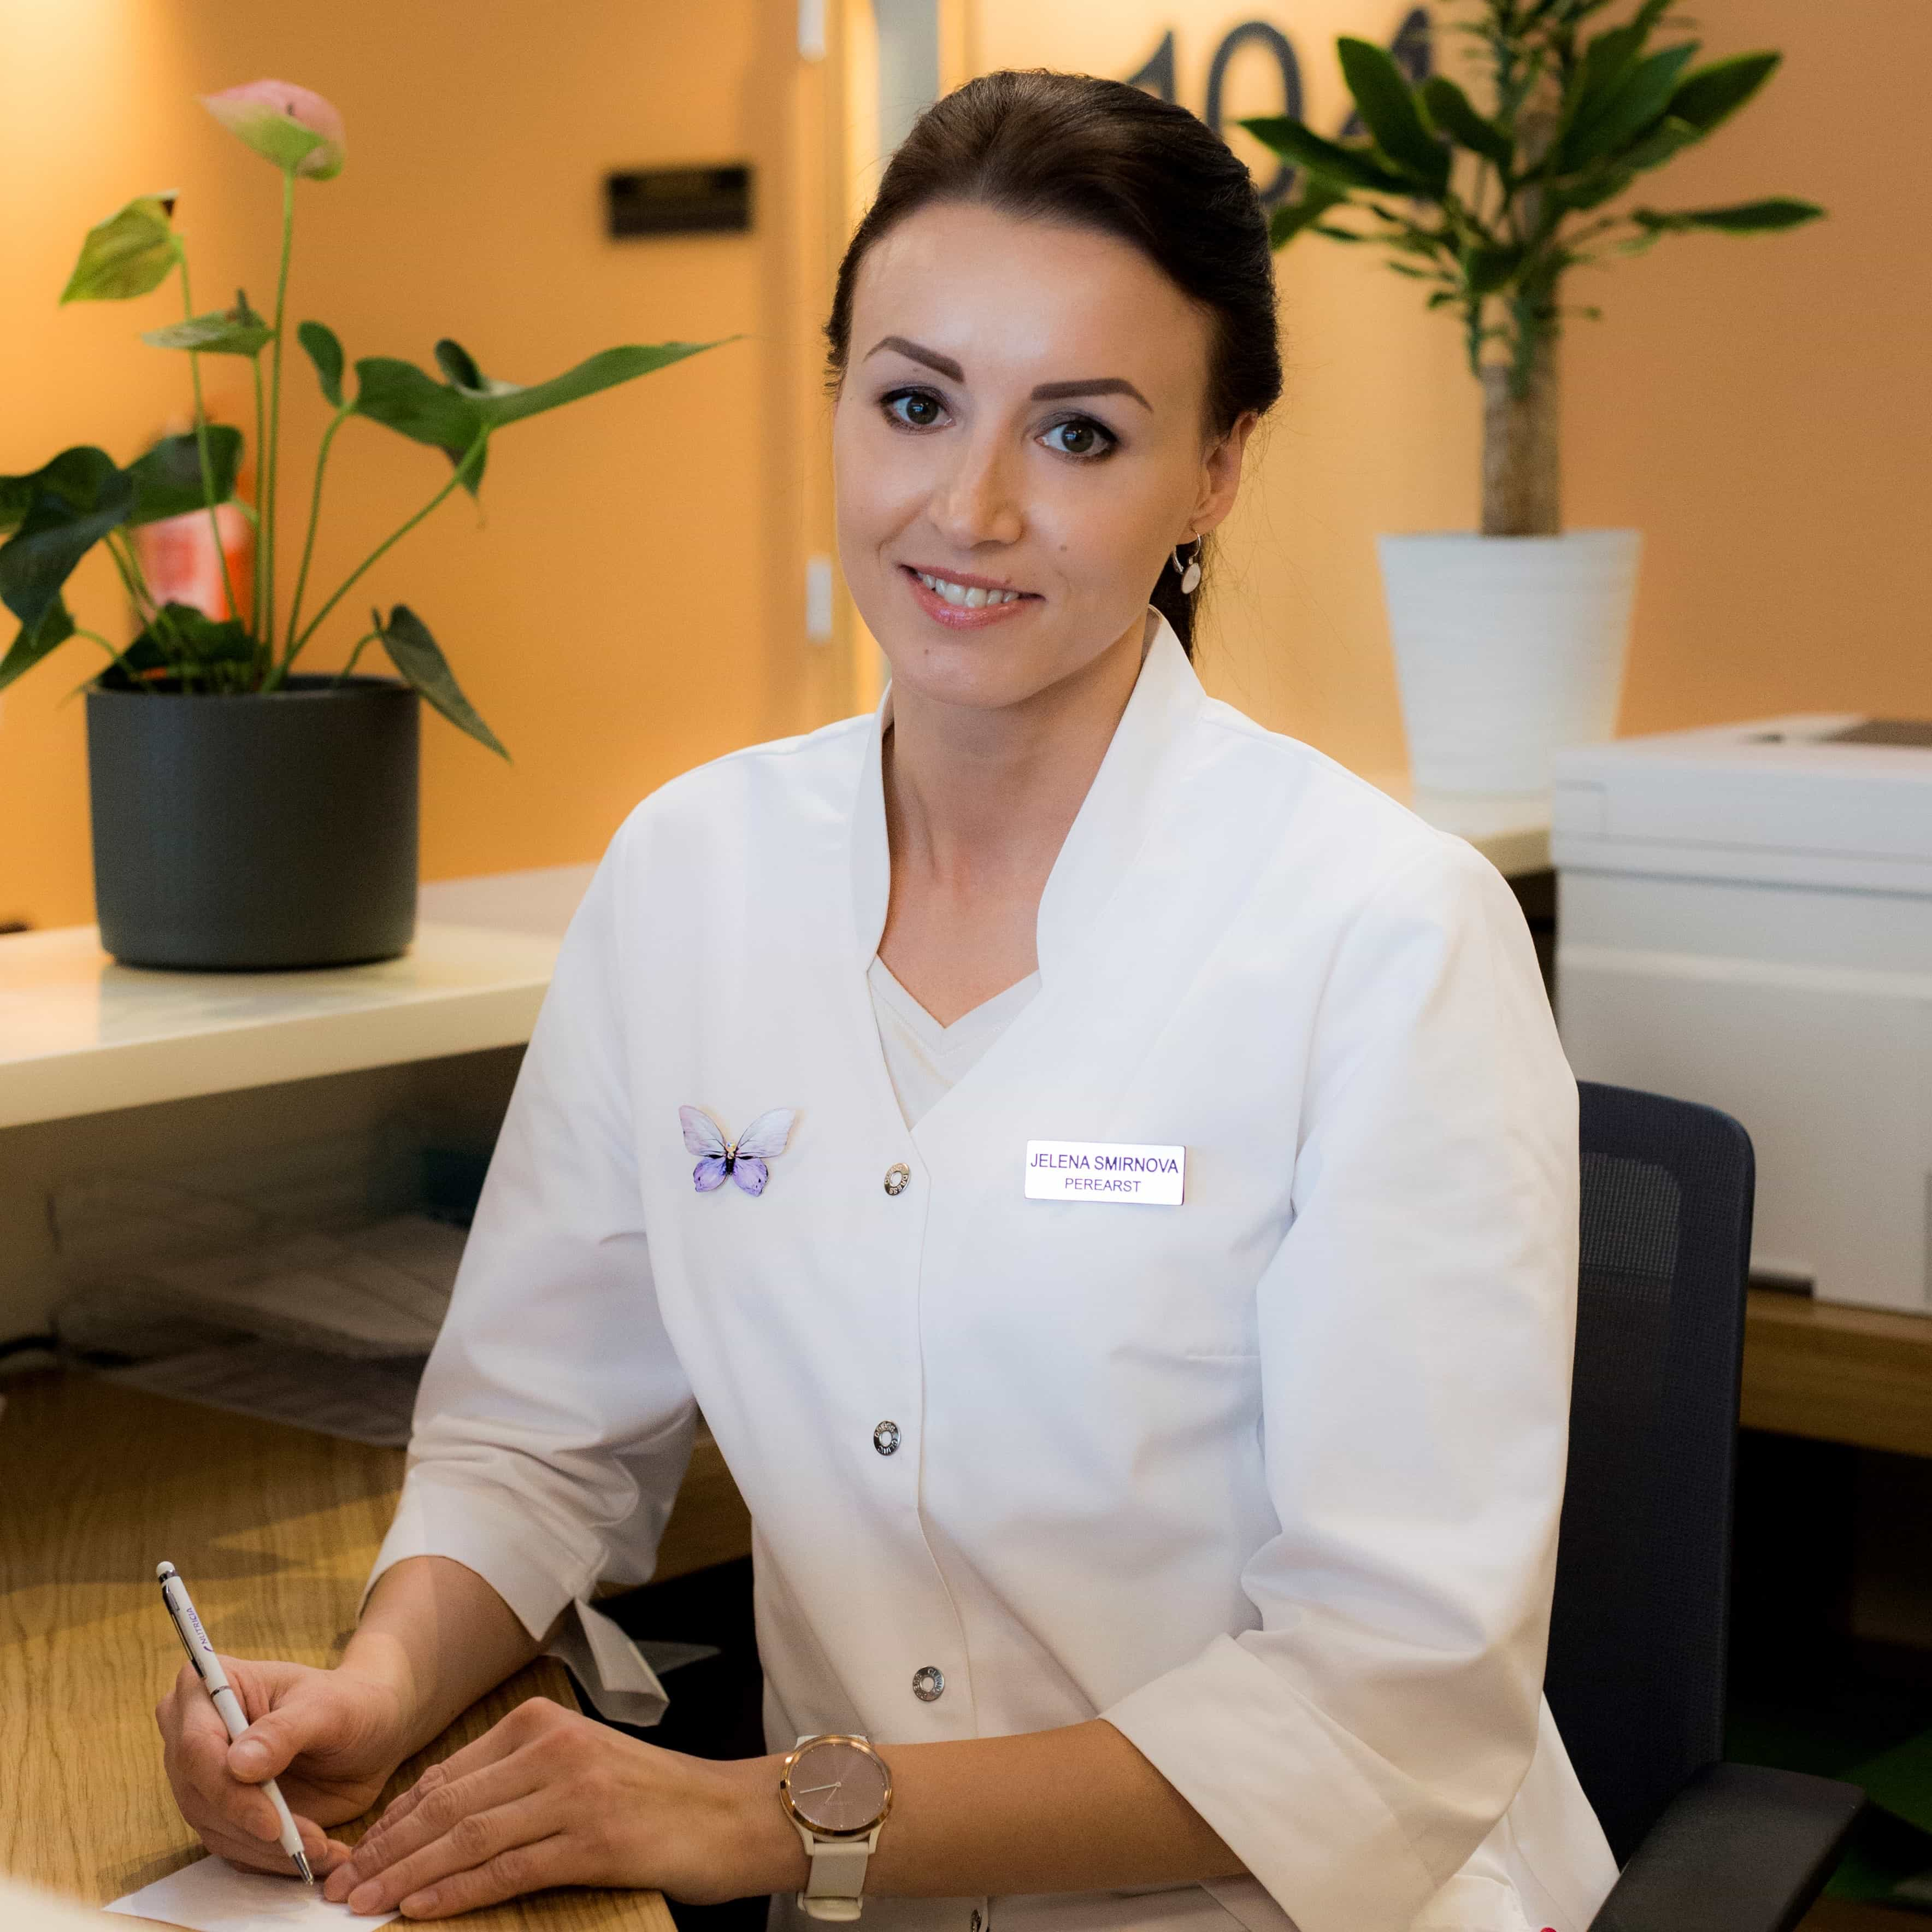 Jelena Smirnova